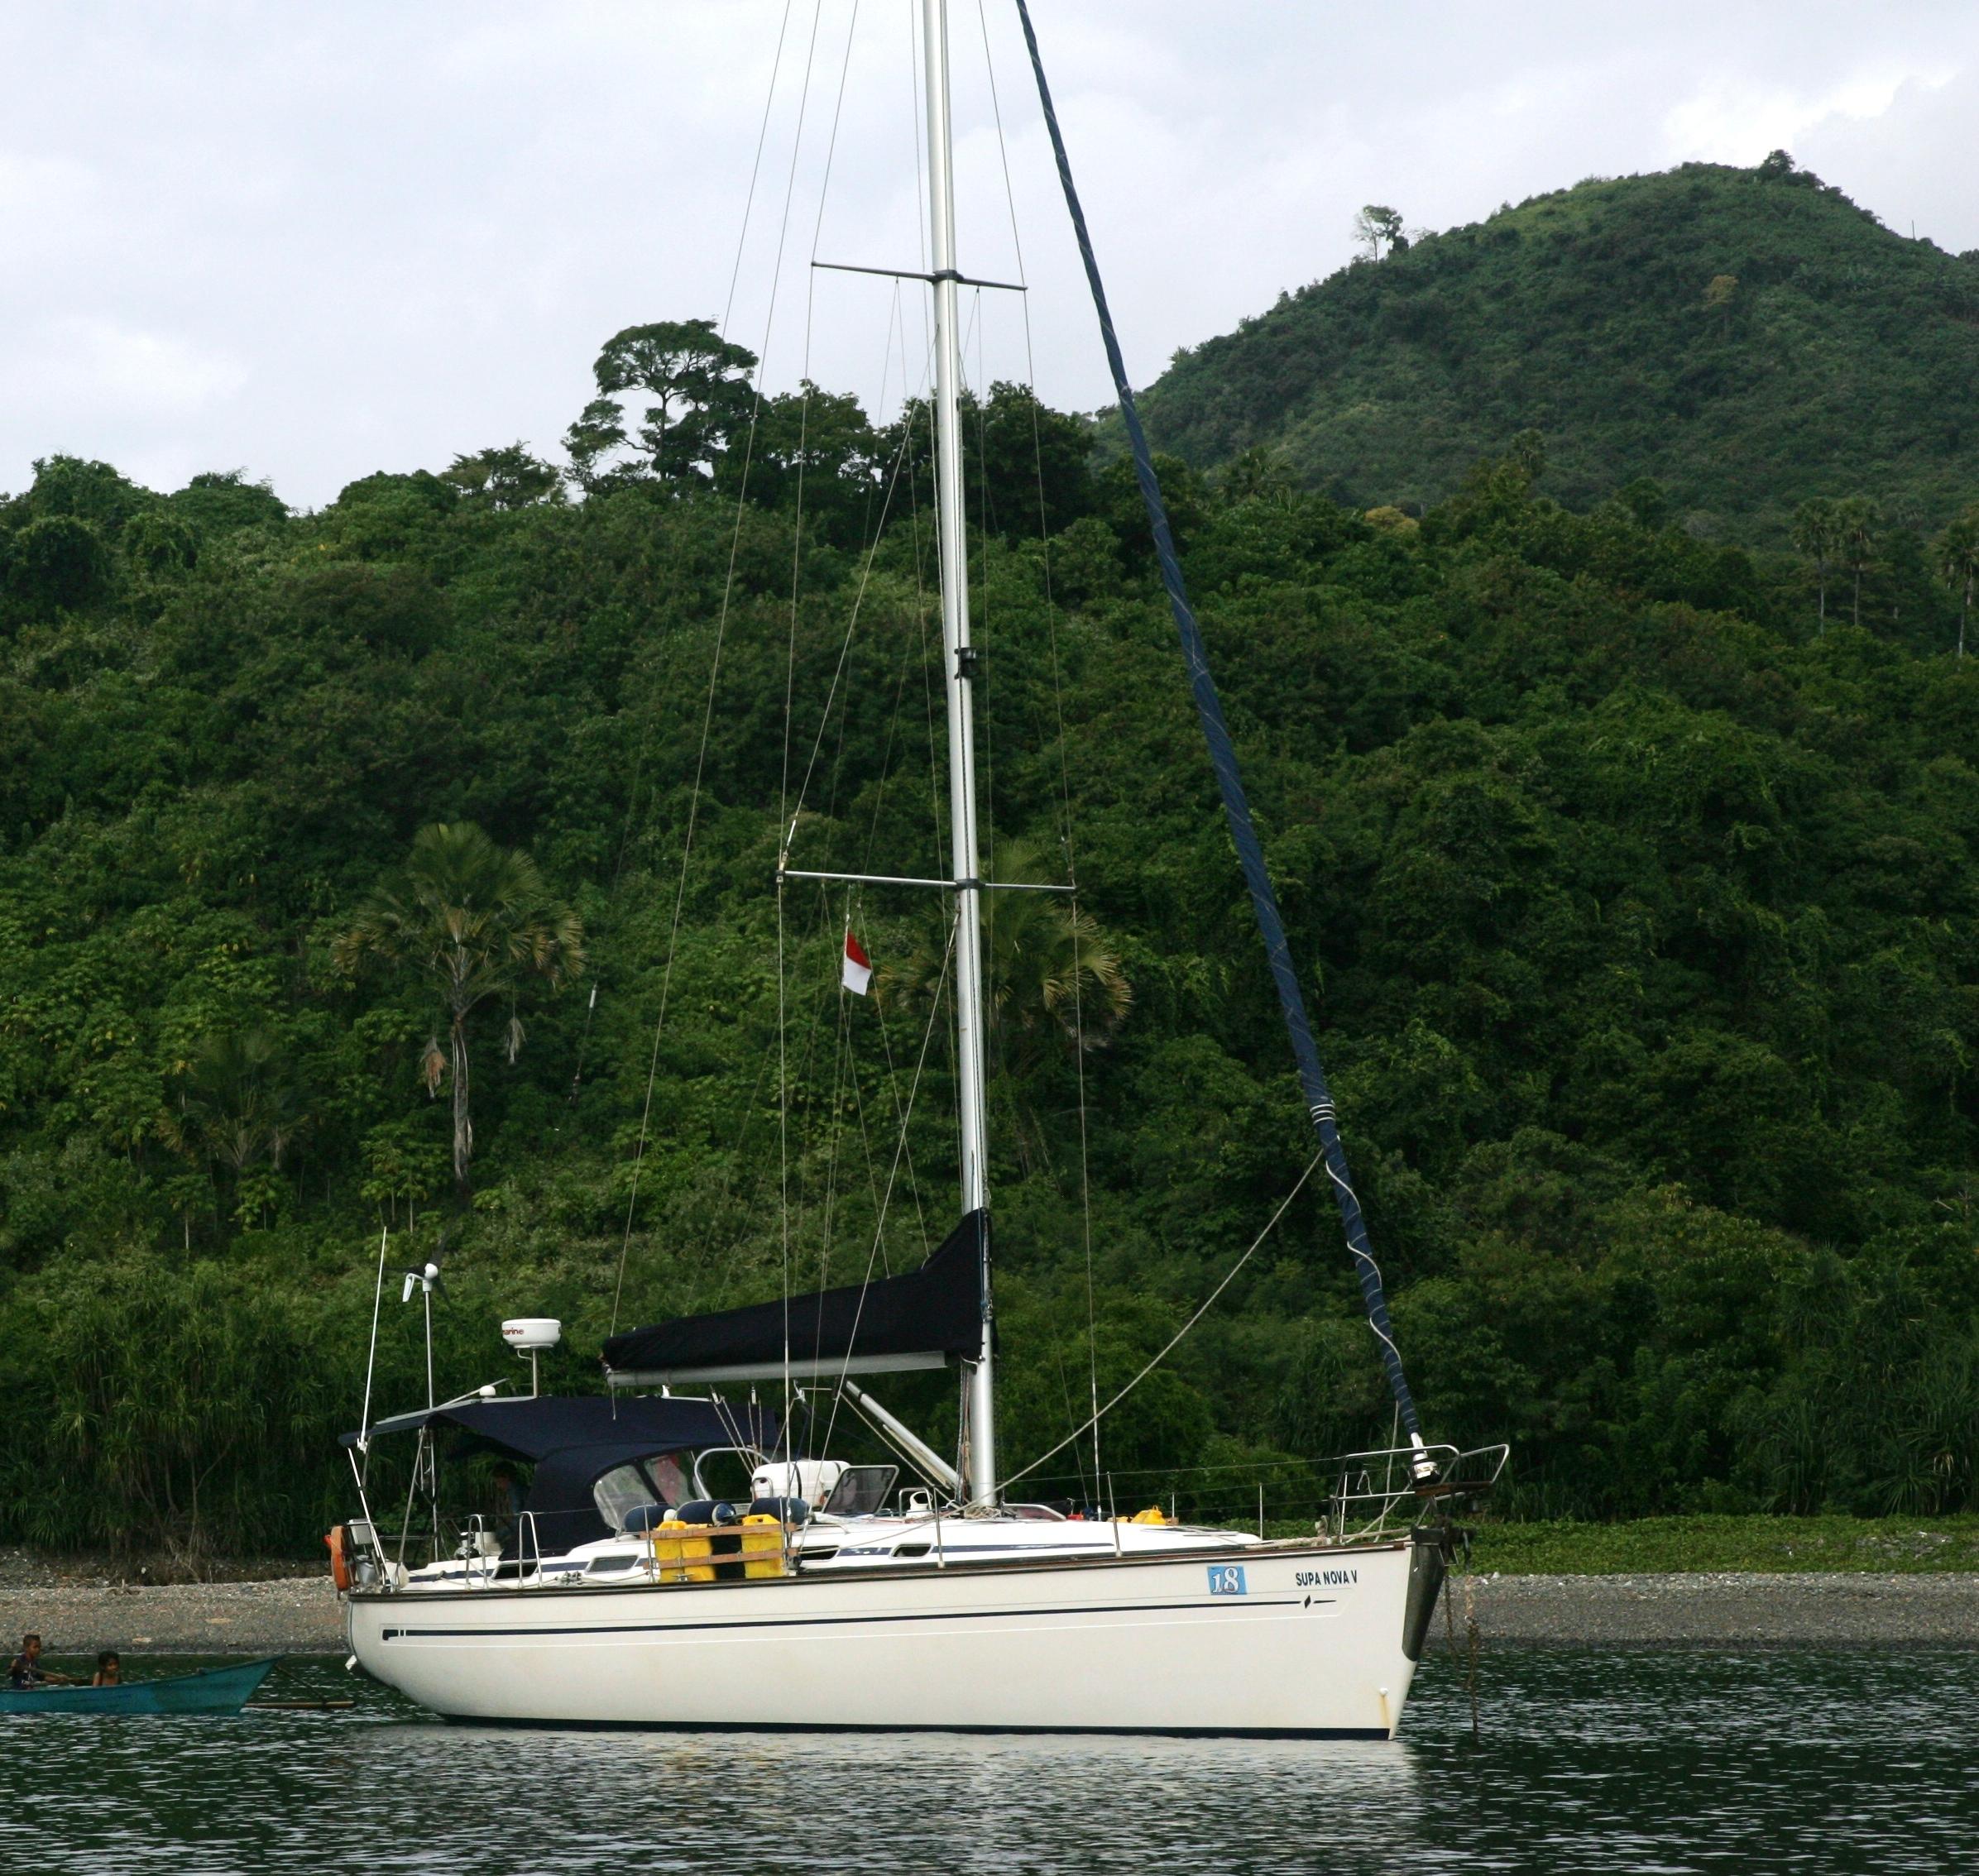 Supa Nova at anchor Tg Gedung